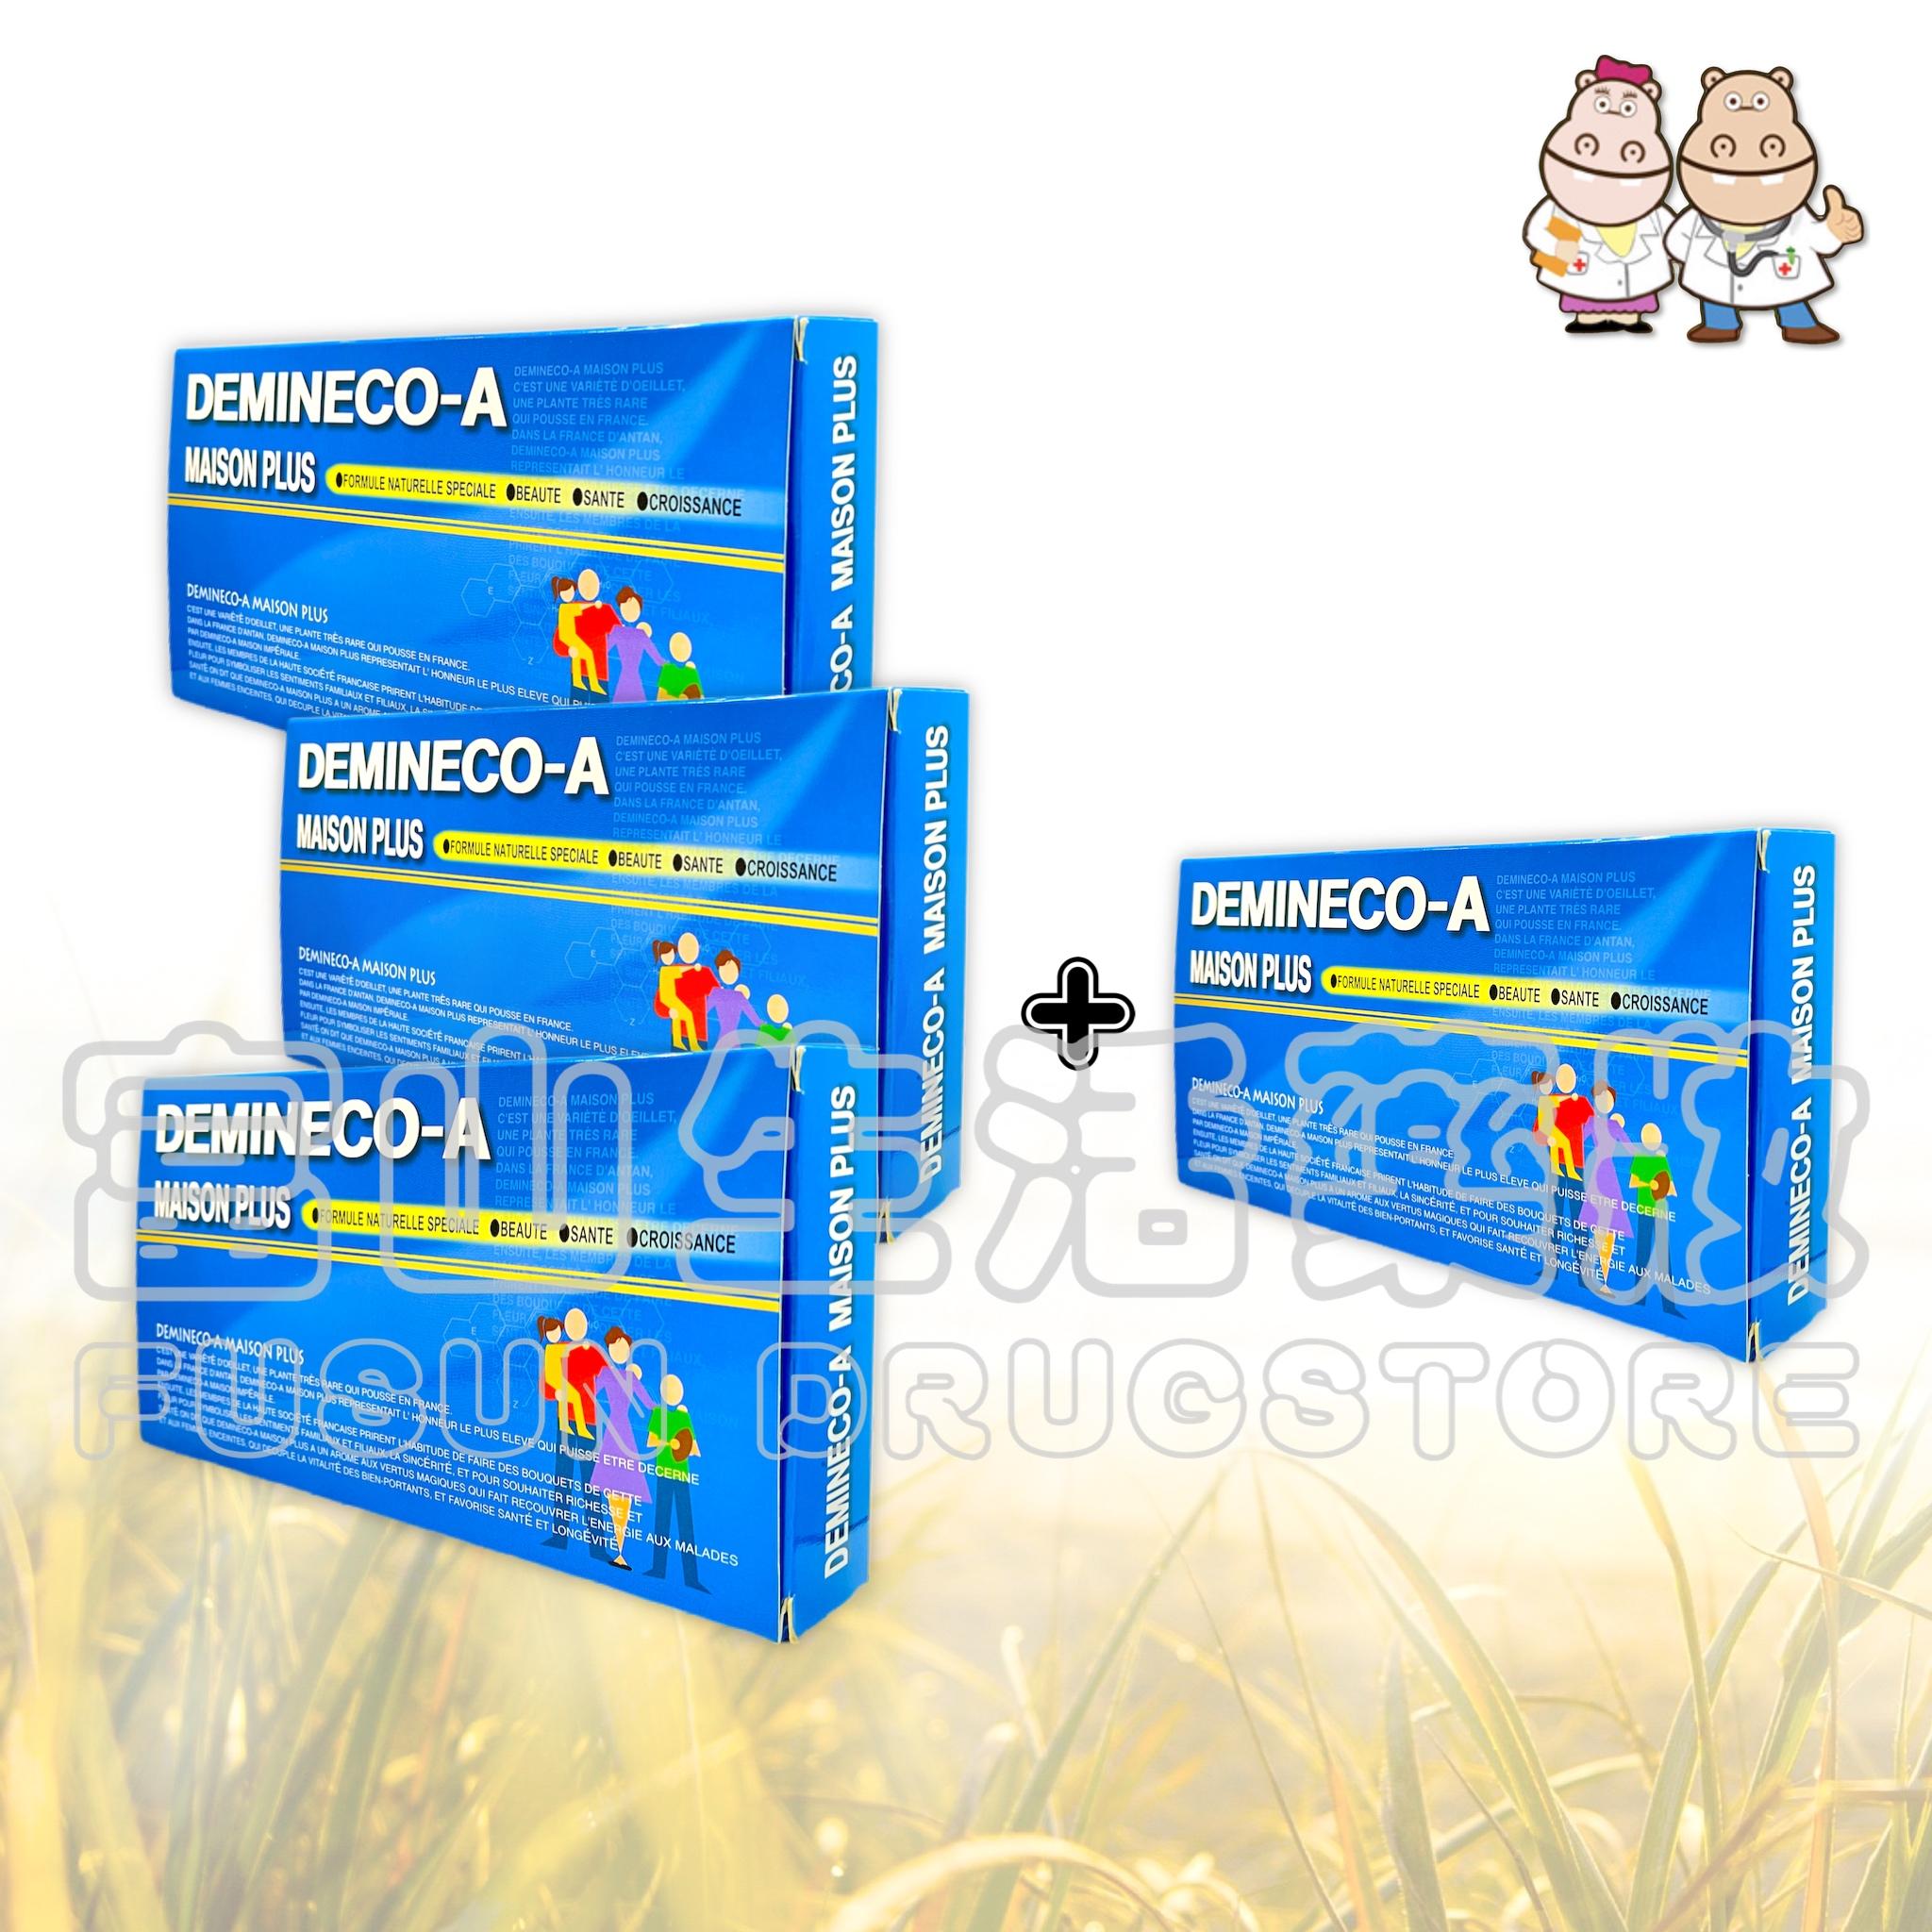 體敏康-A Demineco-A 生理補精 20支【富山】單盒、買三送一